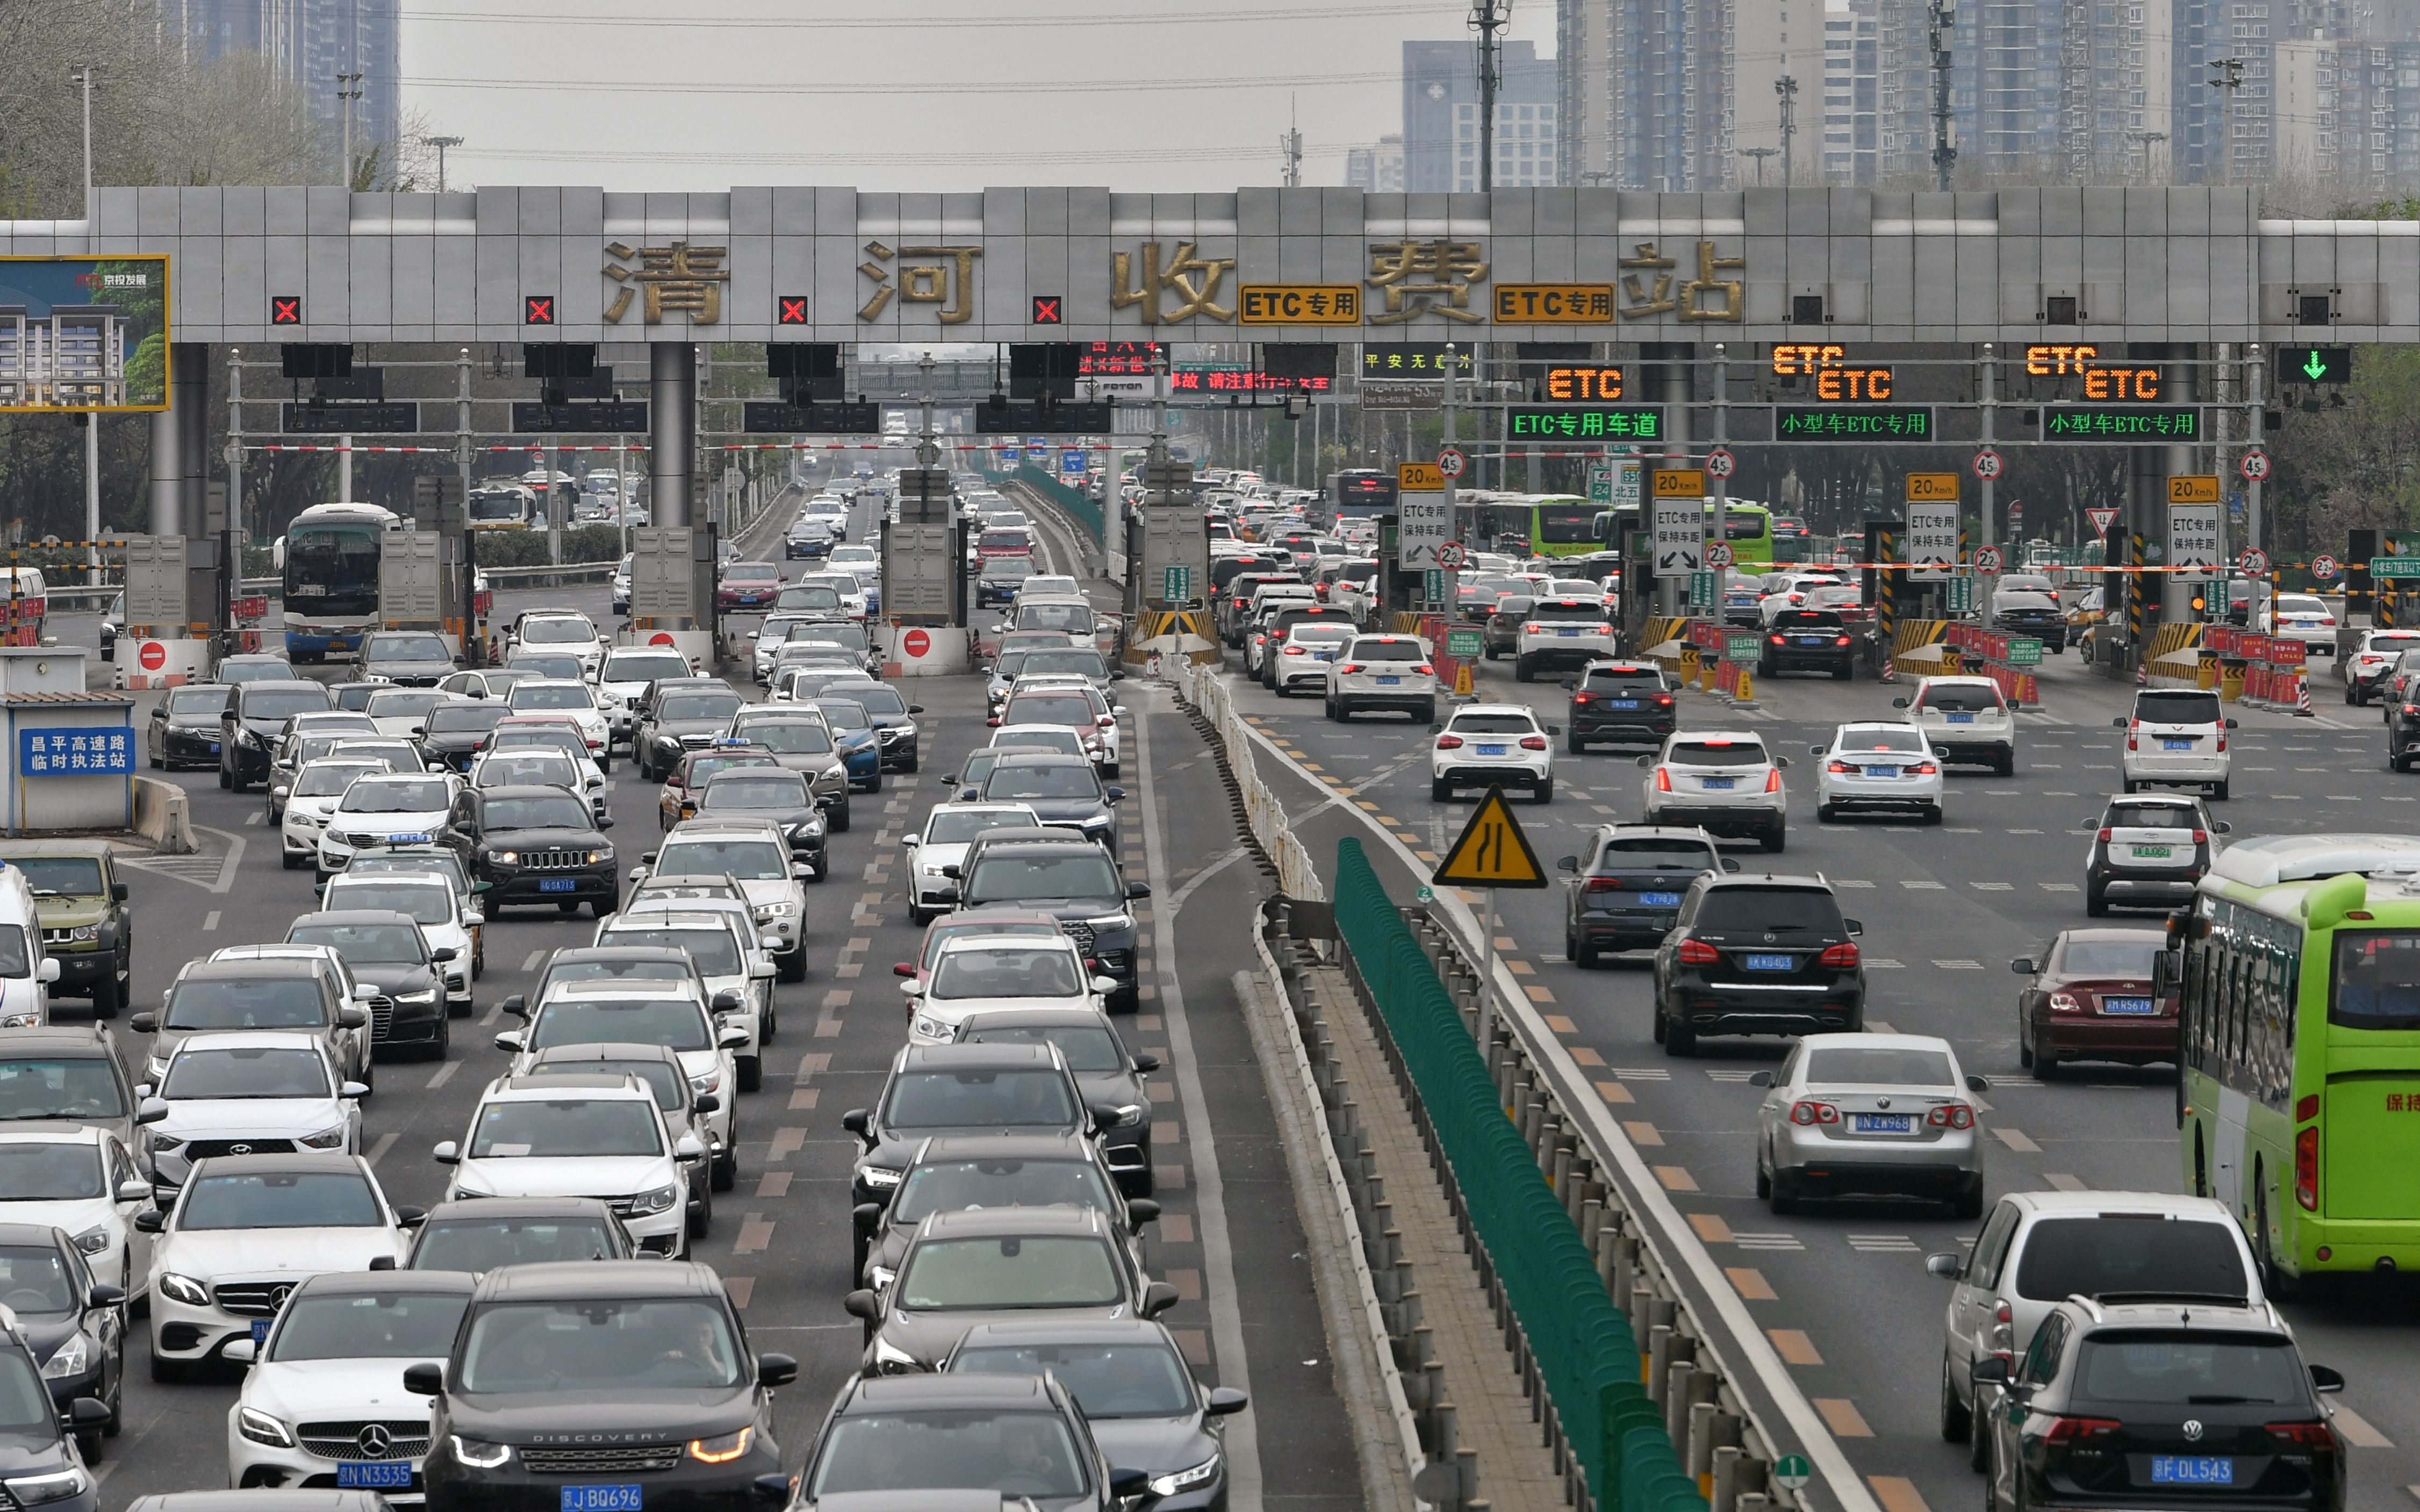 清明返程高峰已至,多条进京高速严重拥堵,今晚3条地铁延时运行